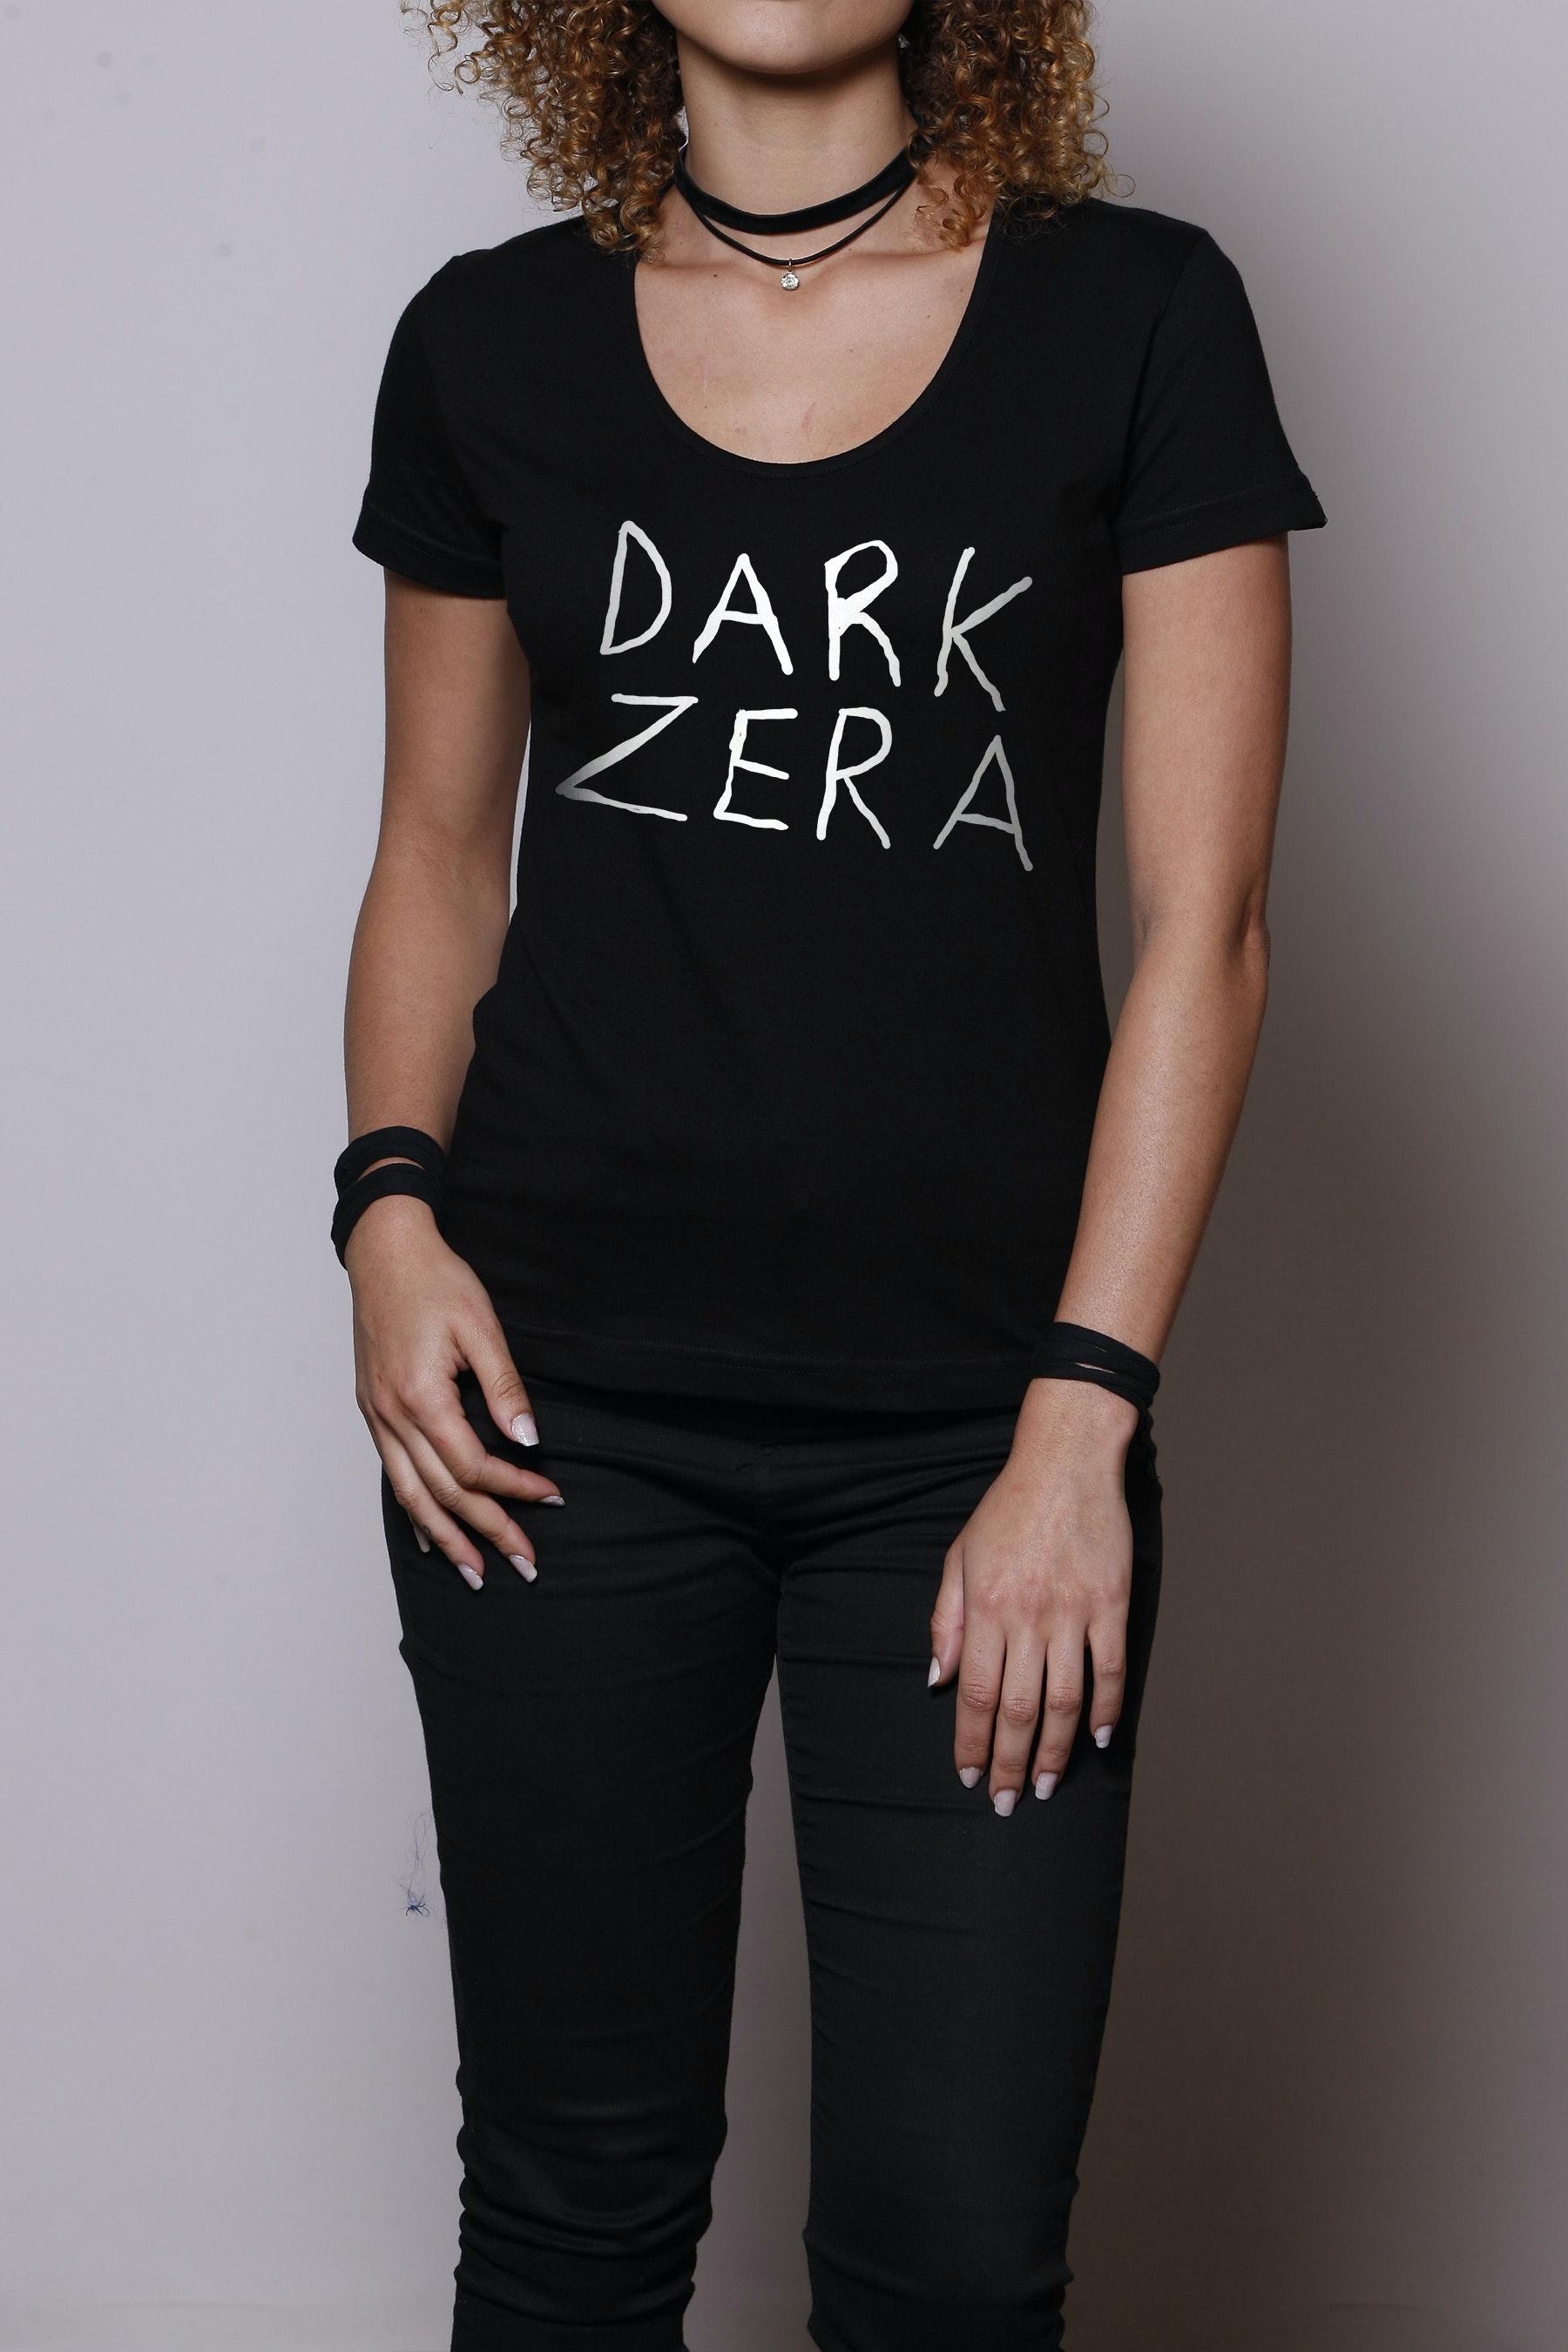 Camiseta Darkzera